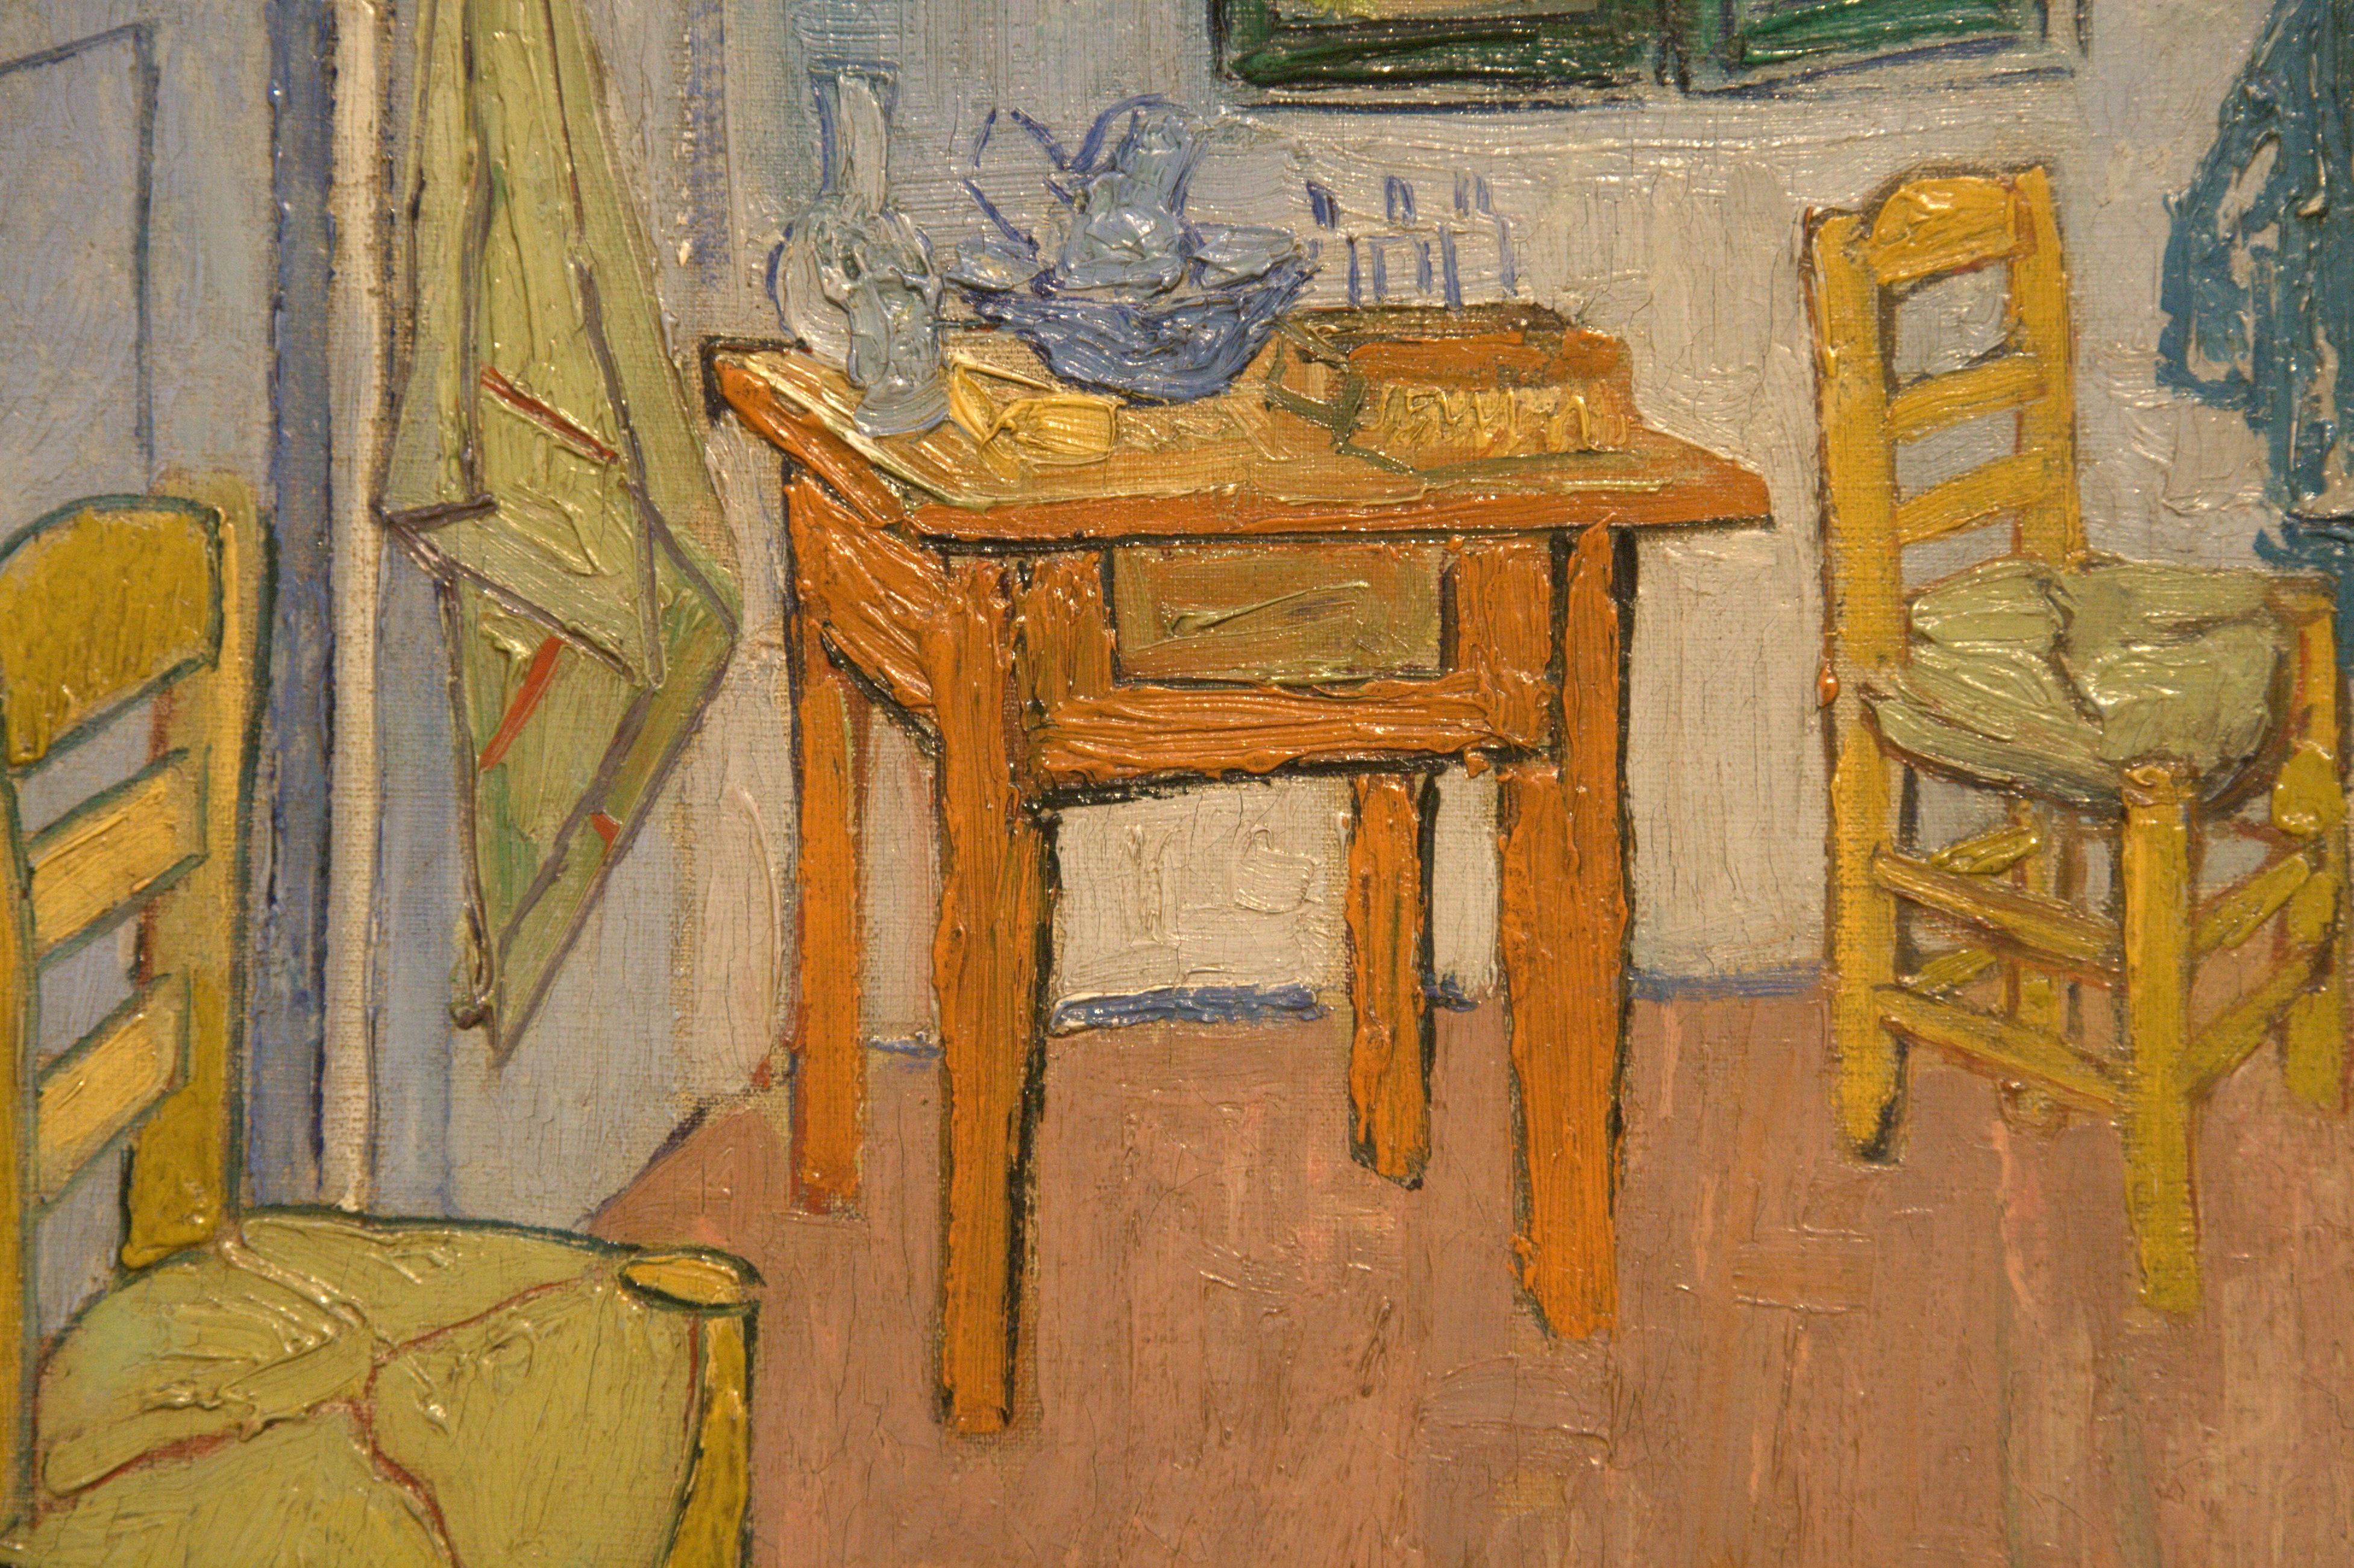 file:wlanl - ronkerkhoven - de slaapkamer (detail 2). vincent van, Deco ideeën